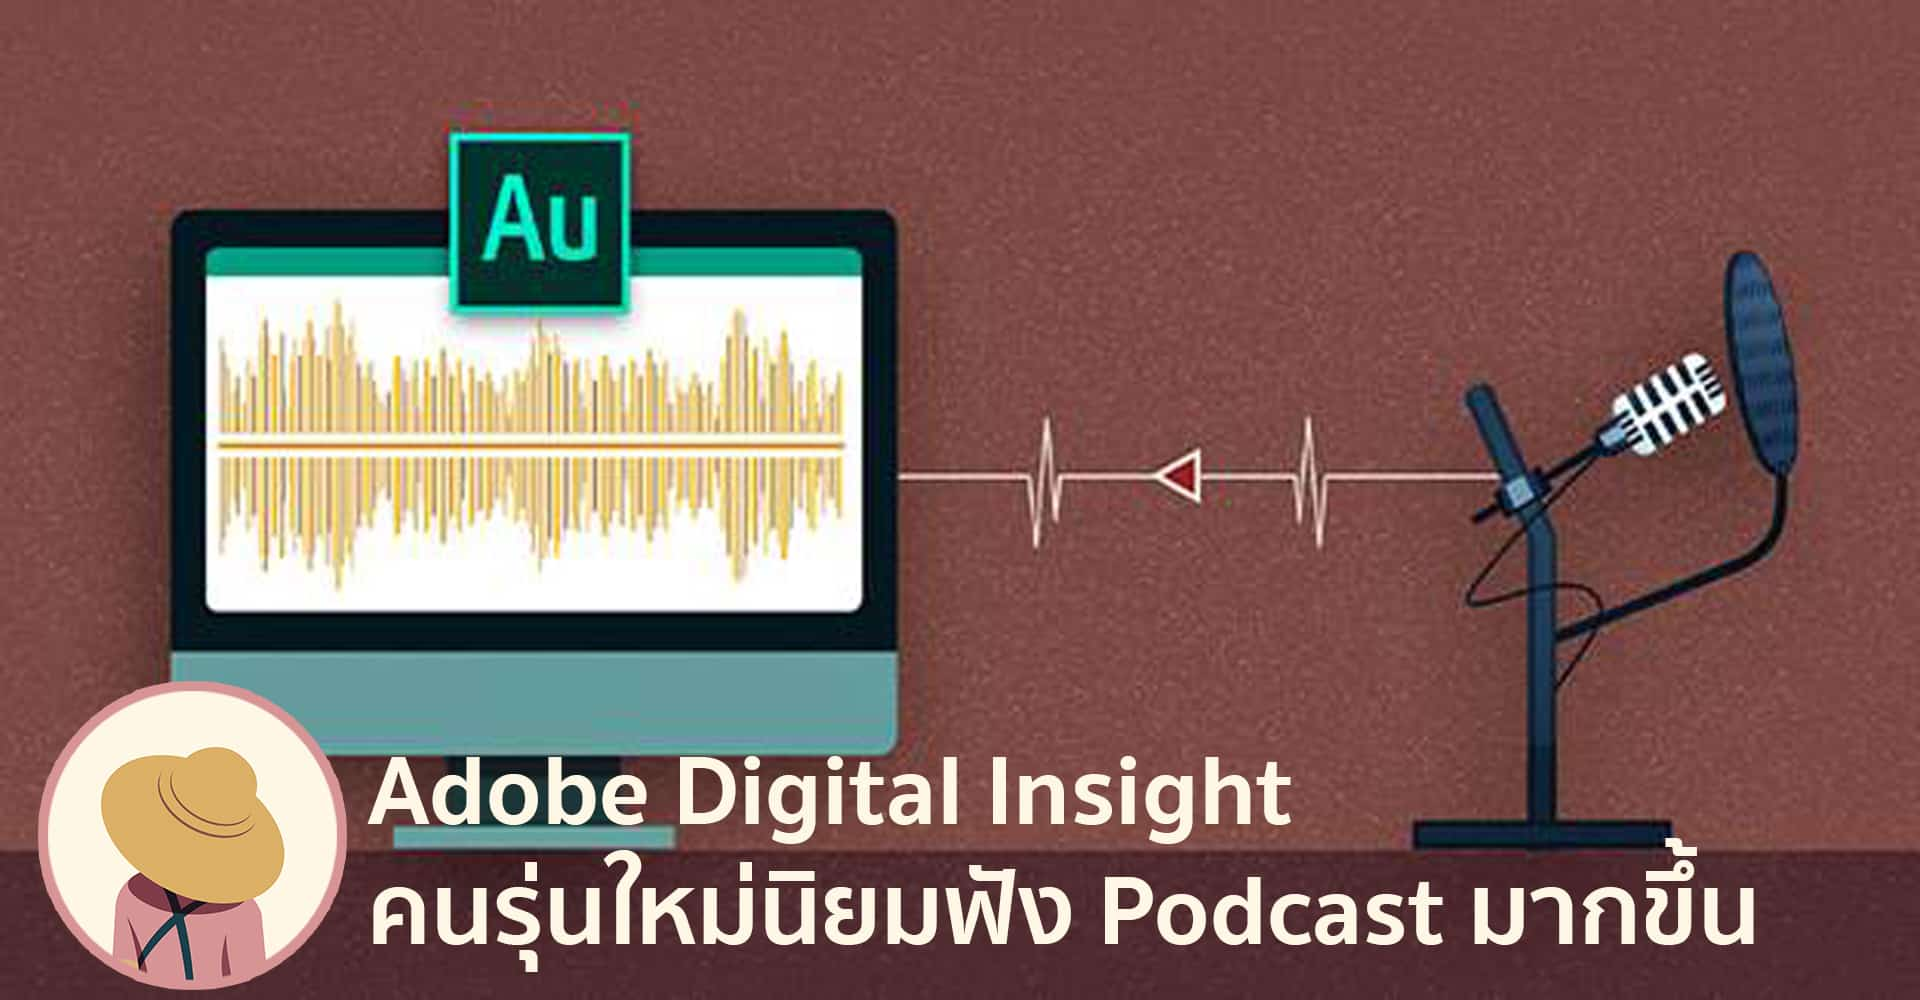 Adobe เผย คนนิยมฟัง Podcast มากขึ้น ชี้โอกาสของแบรนด์ ในการผลิตสื่อโฆษณาเสียงที่มีประสิทธิภาพและเข้าถึงผู้บริโภคมากขึ้น